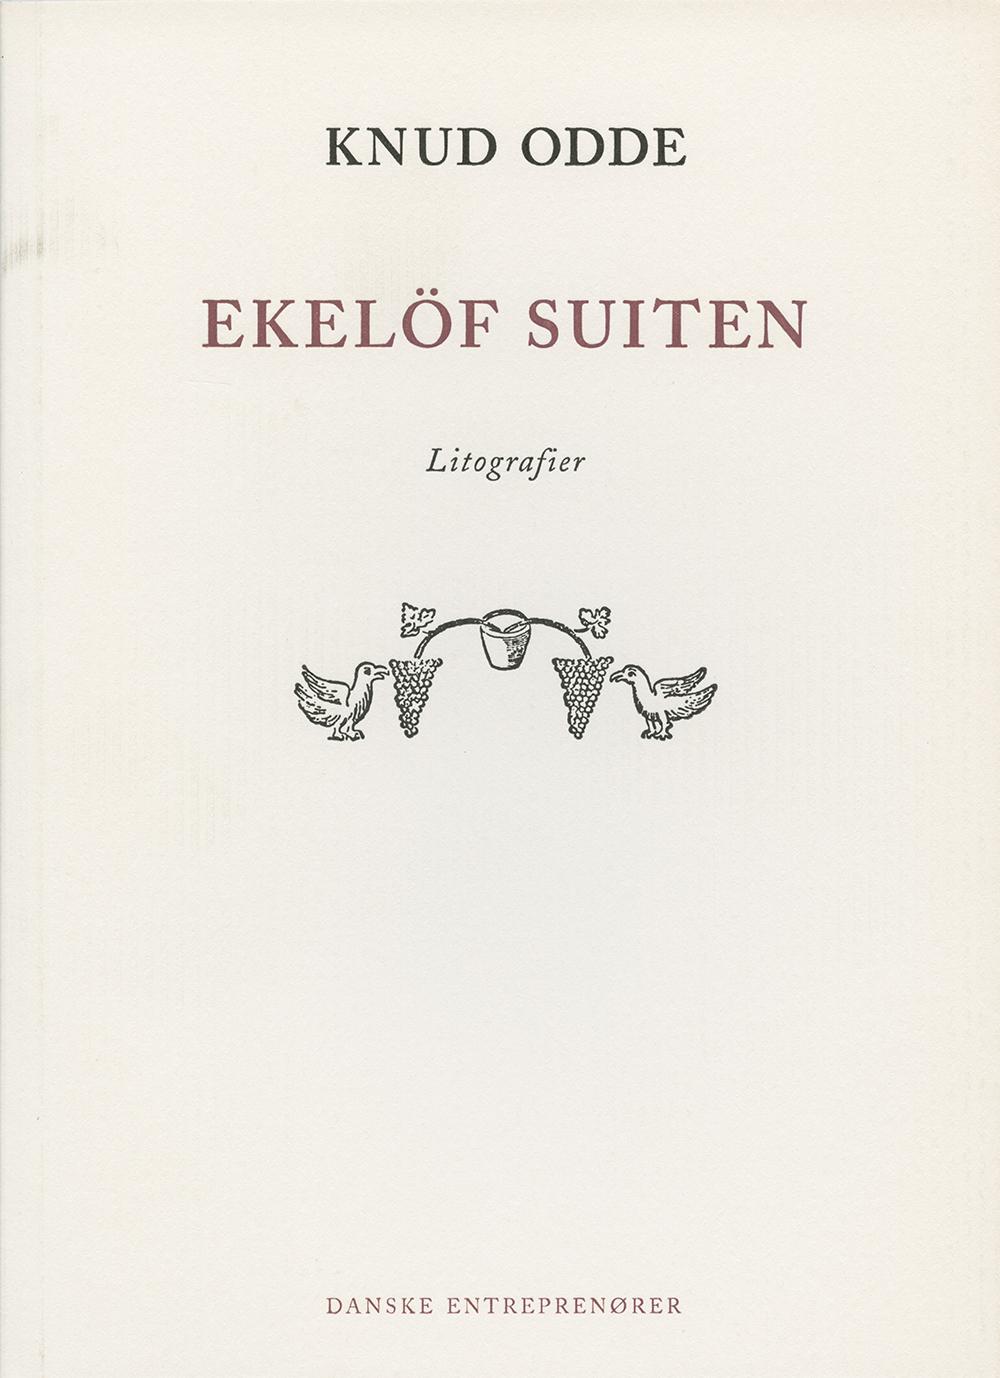 Knud Odde, Ekelöf Suiten – Litografier